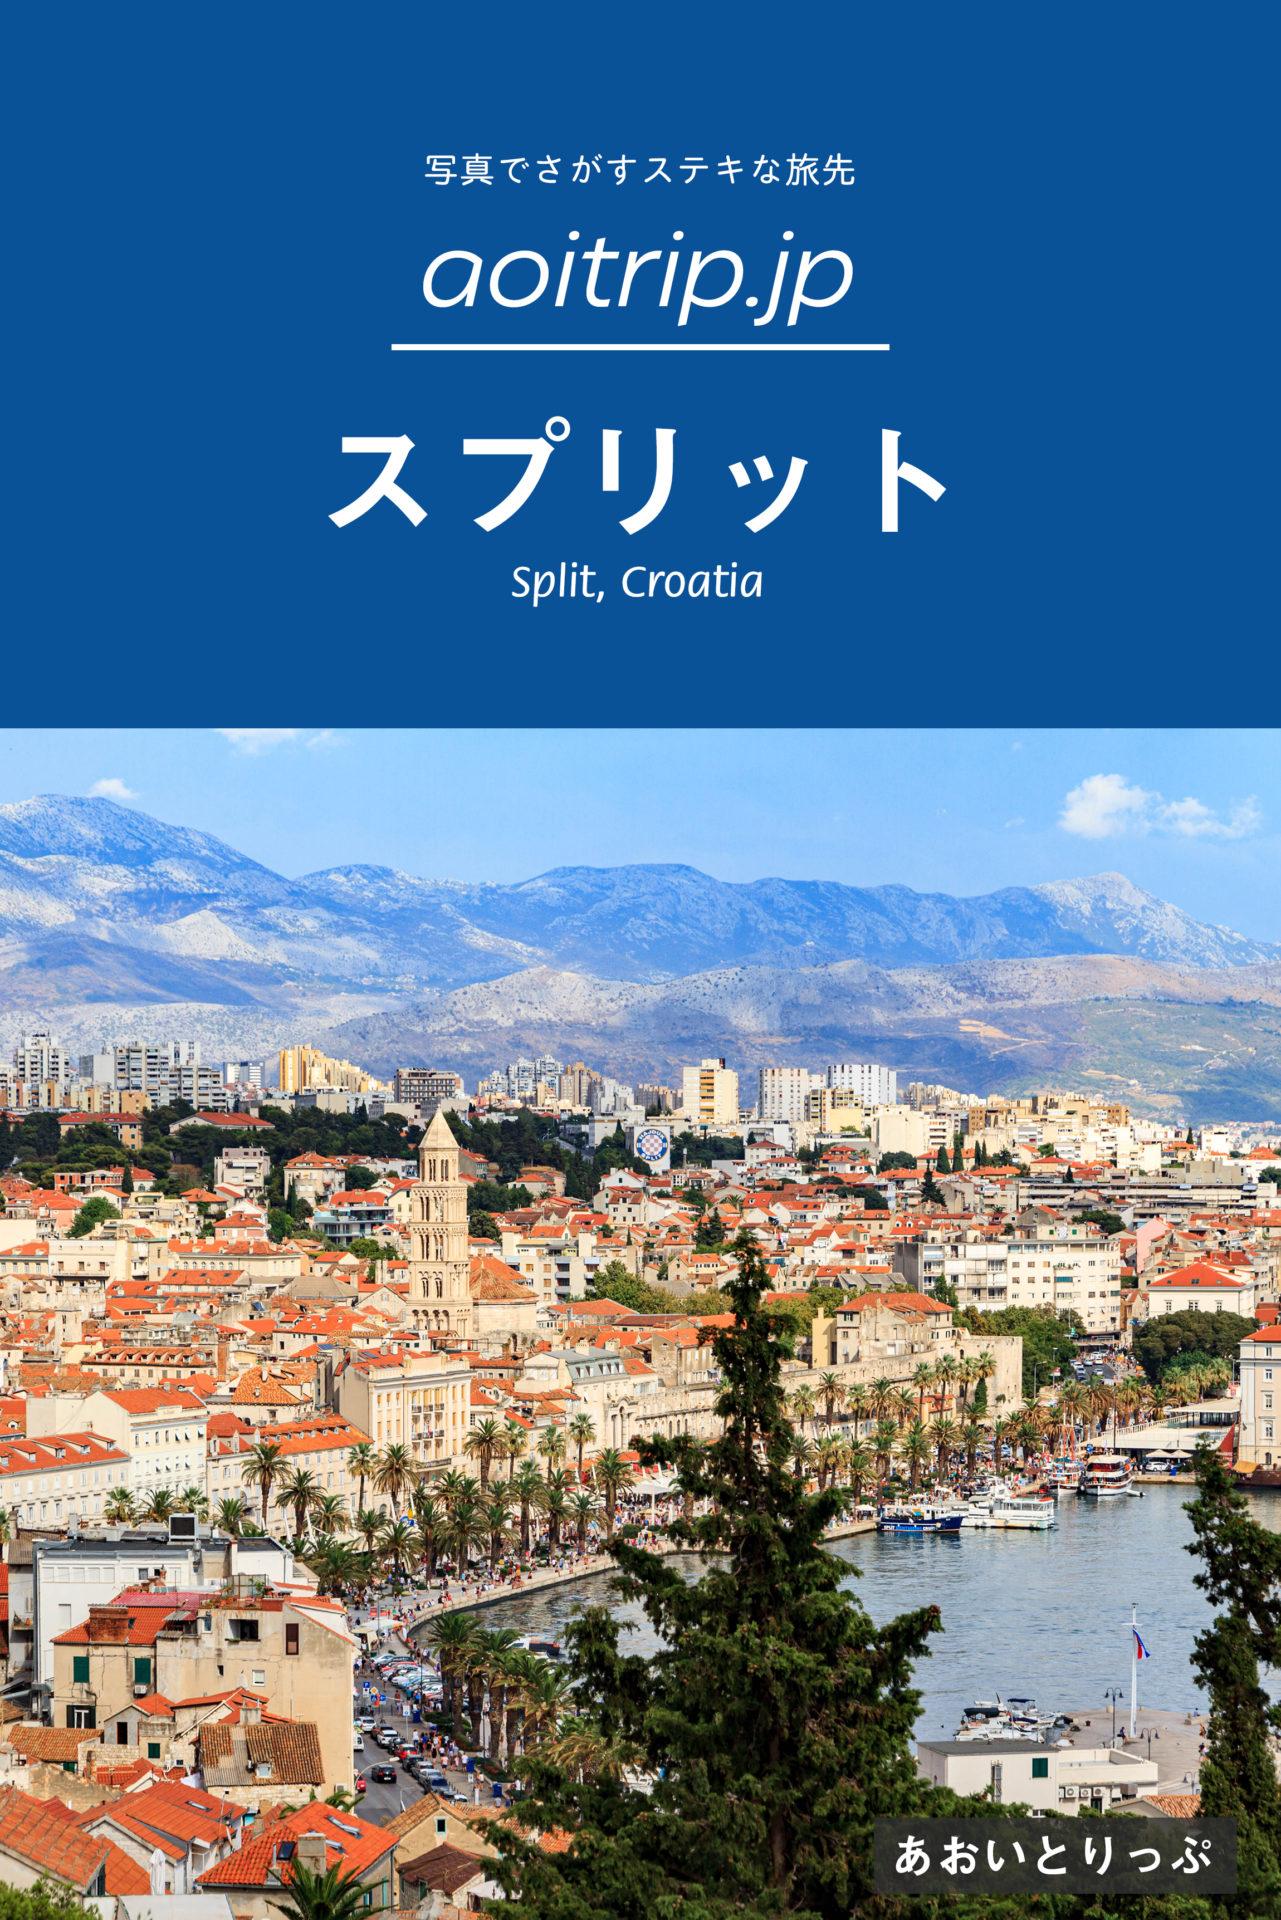 世界遺産スプリット観光 史跡群とディオクレティアヌス宮殿 Split, Croatia